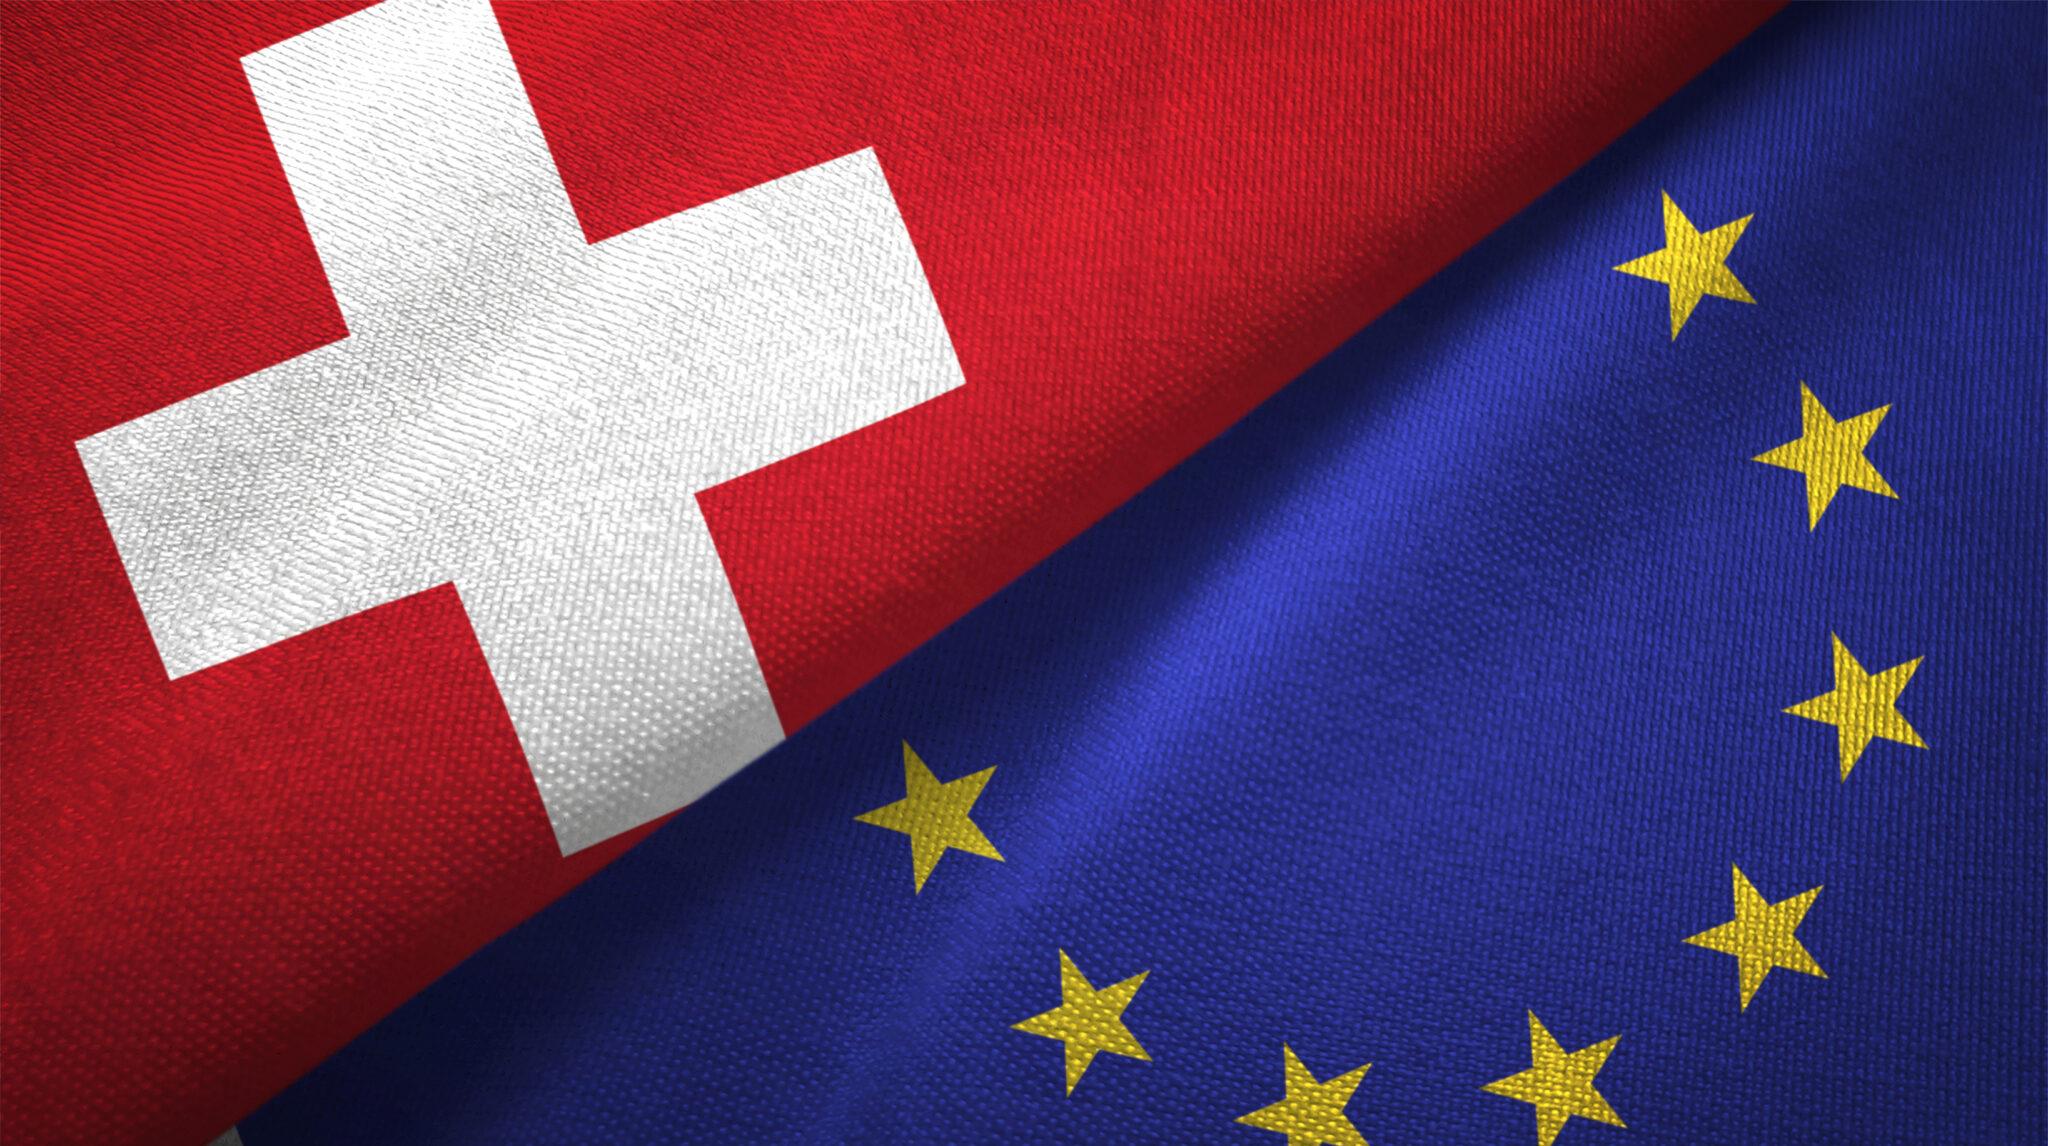 Europäische Union und die Schweiz Flagge zusammen.